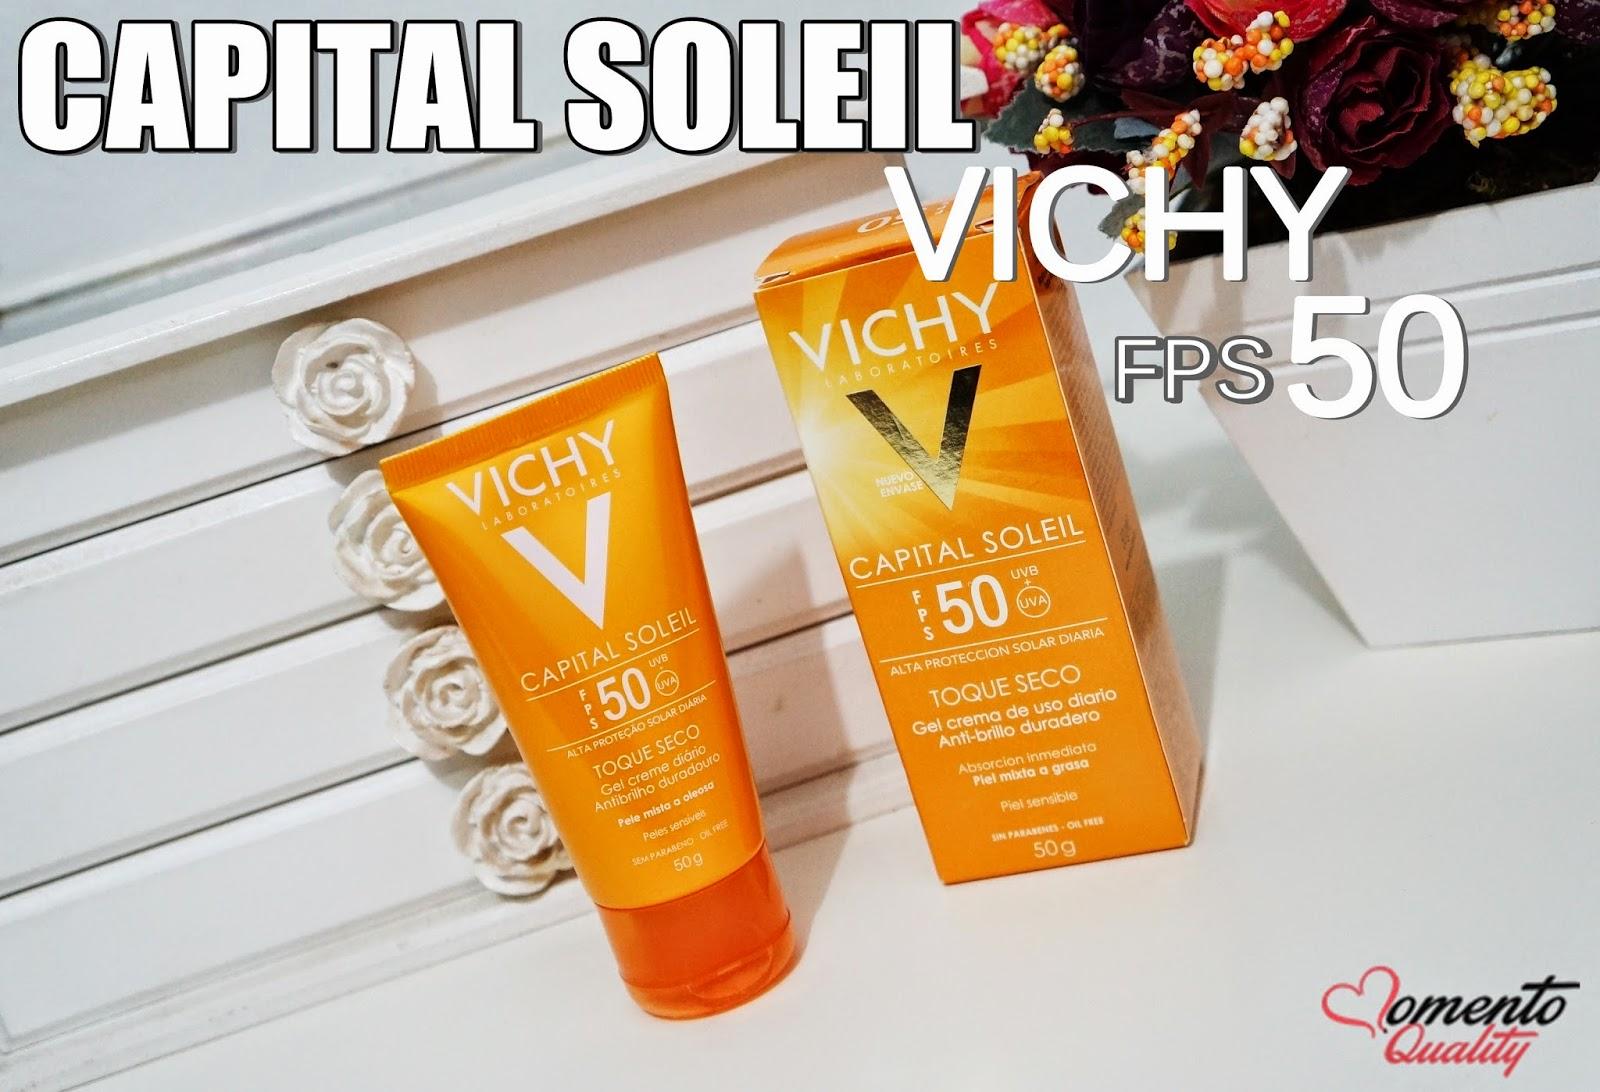 Capital Soleil Toque Seco FPS 50 Vichy